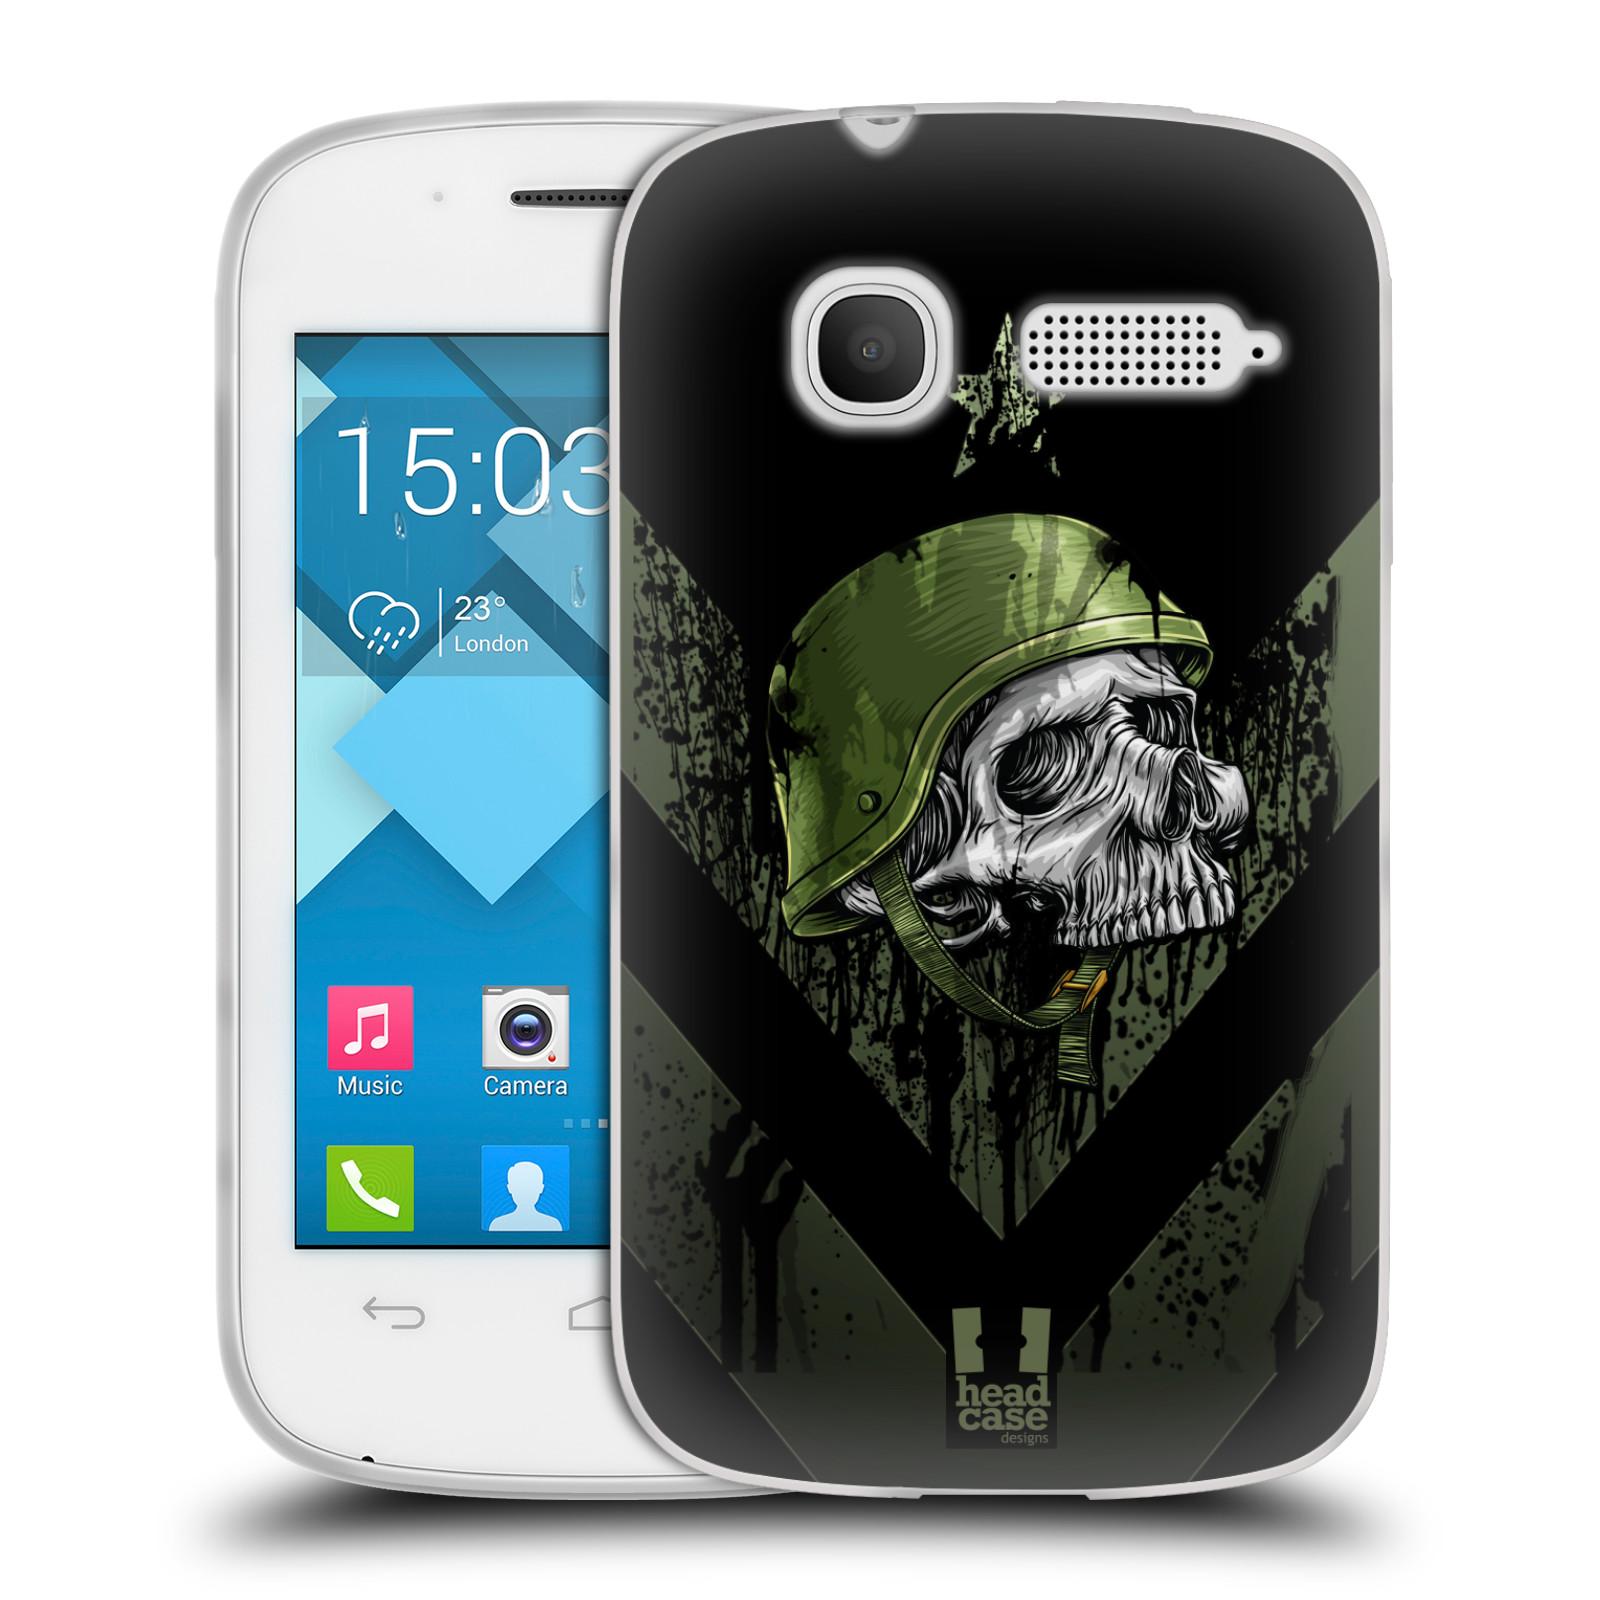 Silikonové pouzdro na mobil Alcatel One Touch Pop C1 HEAD CASE LEBKA ONE MAN (Silikonový kryt či obal na mobilní telefon Alcatel OT-4015D POP C1)